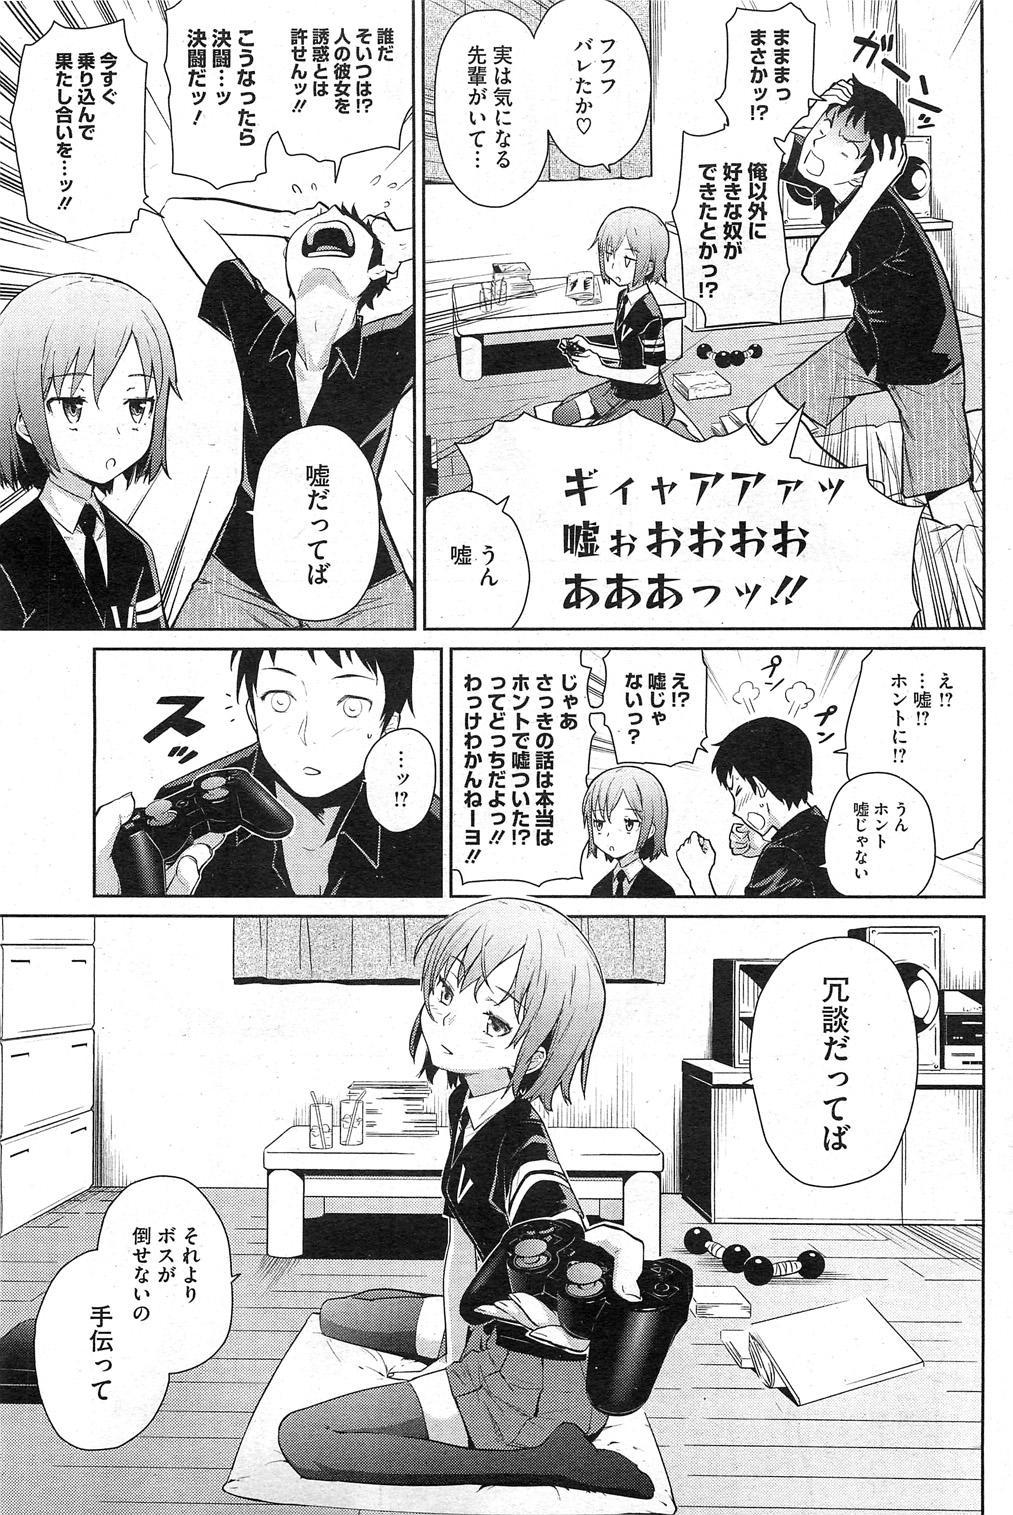 Yukinya #1-4 2